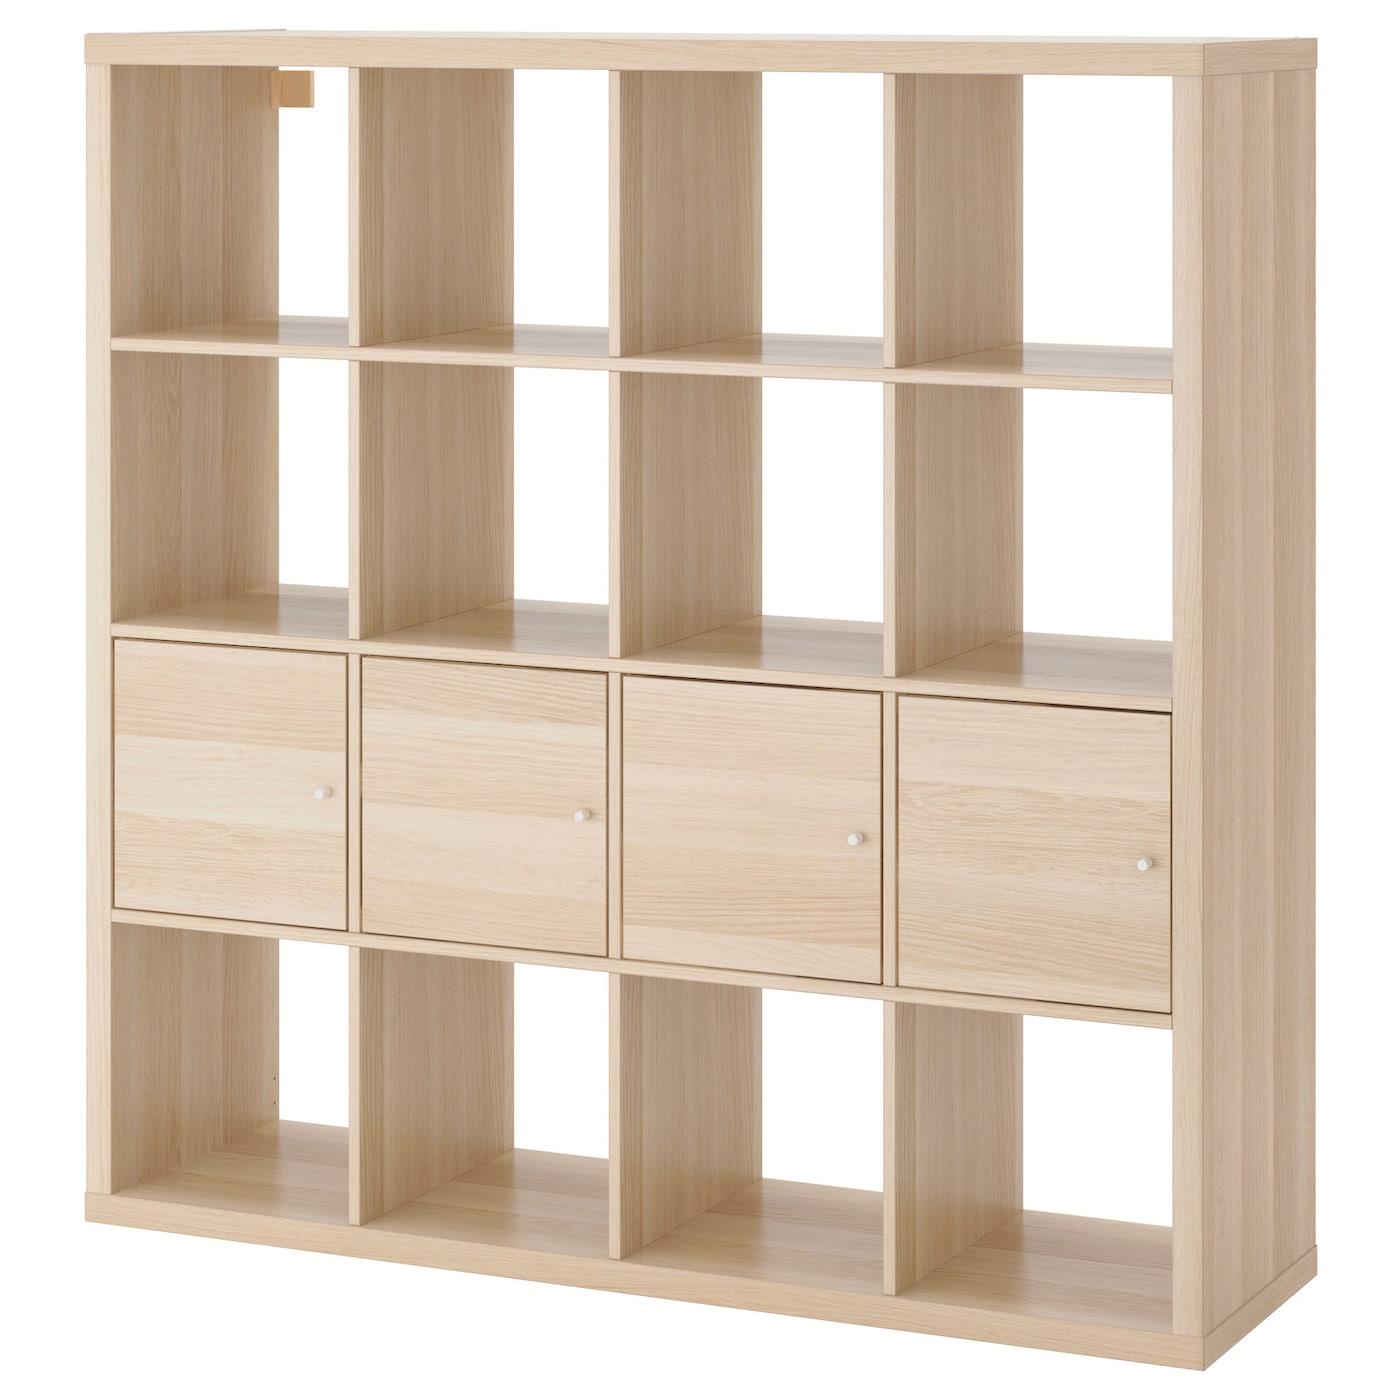 estanter as modulares y estanterias de madera compra online ikea. Black Bedroom Furniture Sets. Home Design Ideas